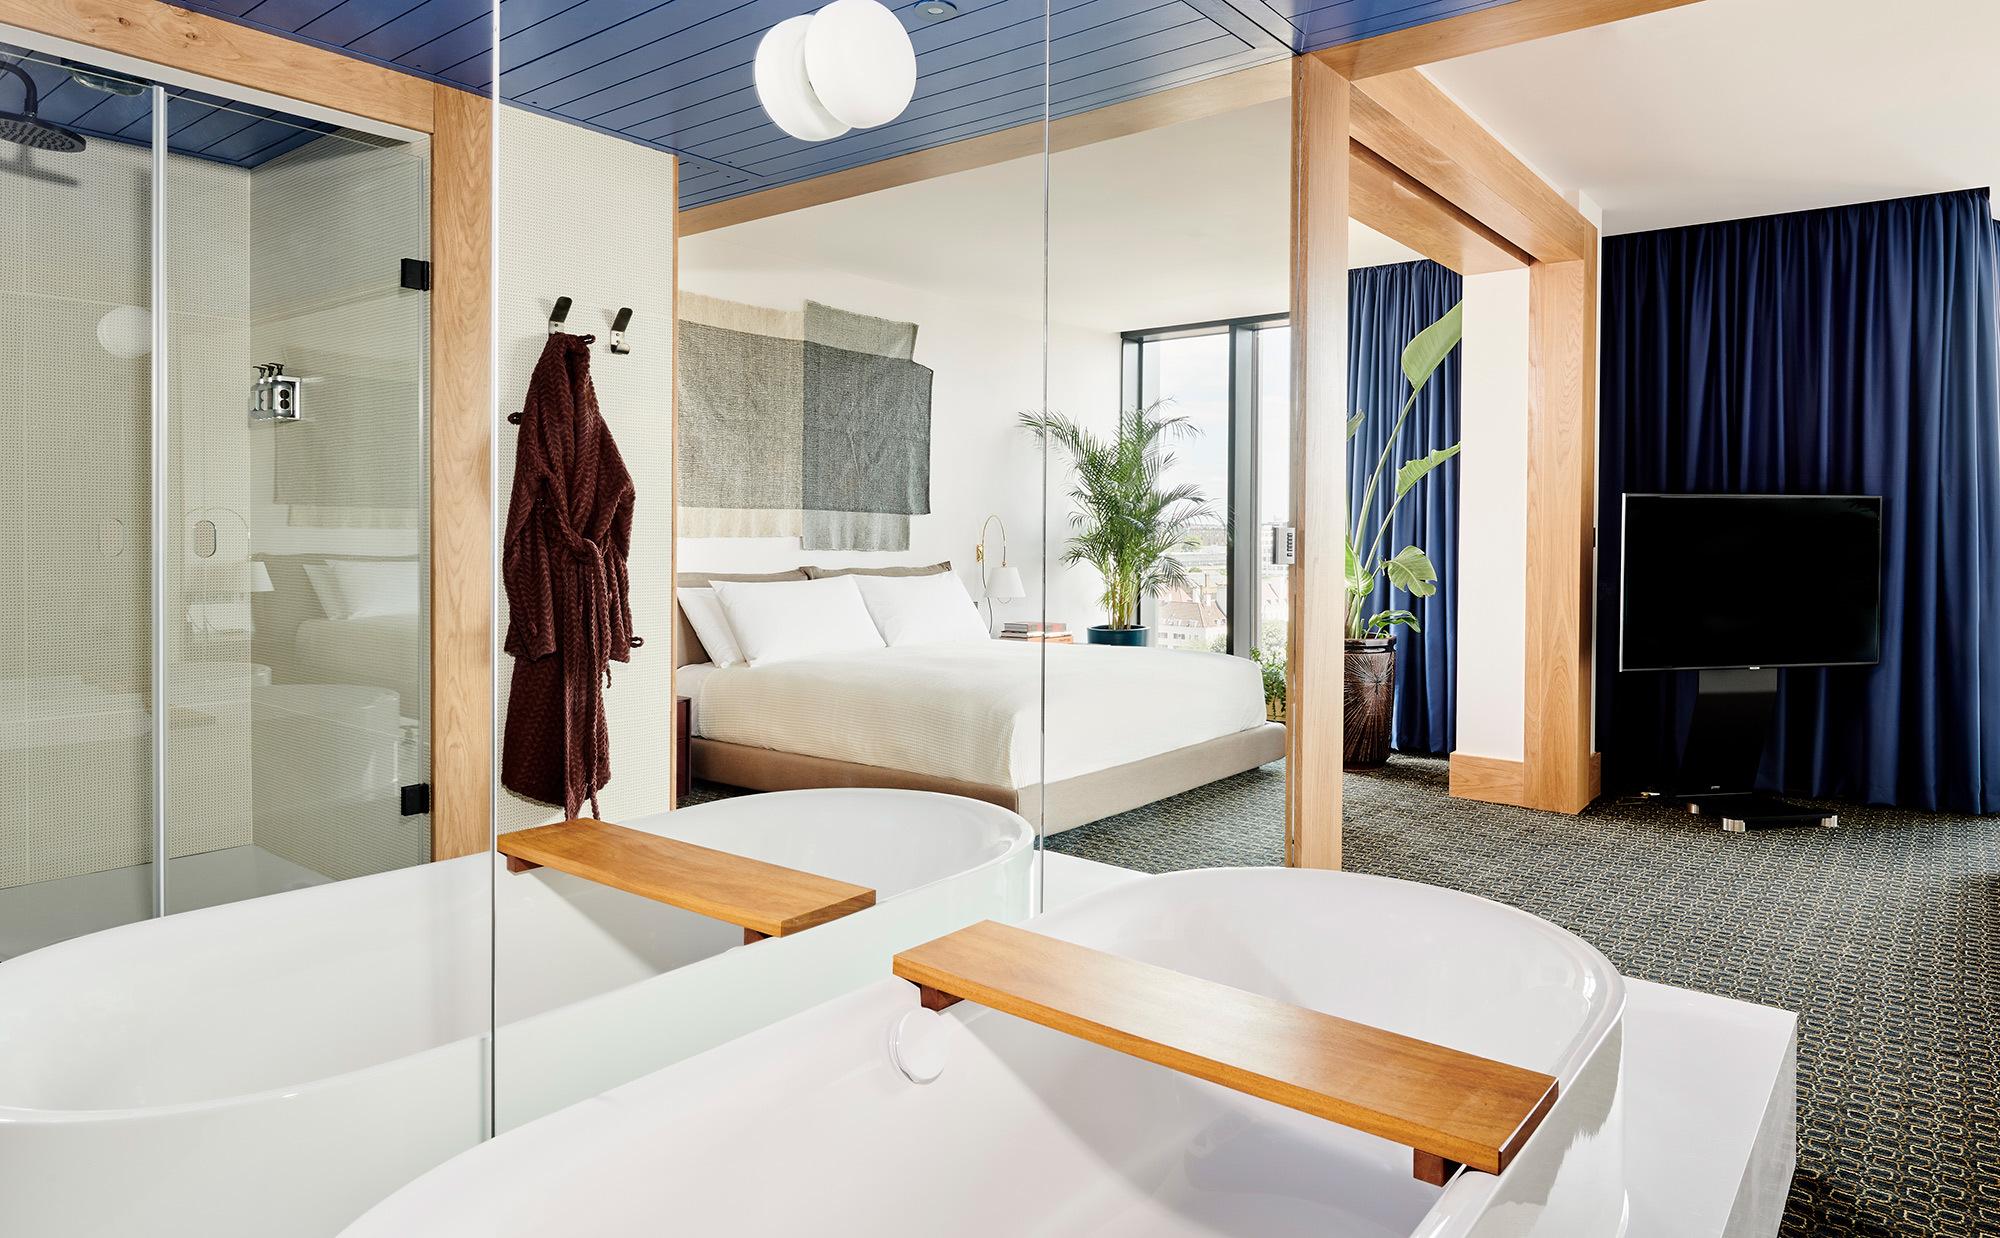 In den großzügigen Suiten des Hauses steht die Wanne BetteLux Oval Highline frei im Raum.